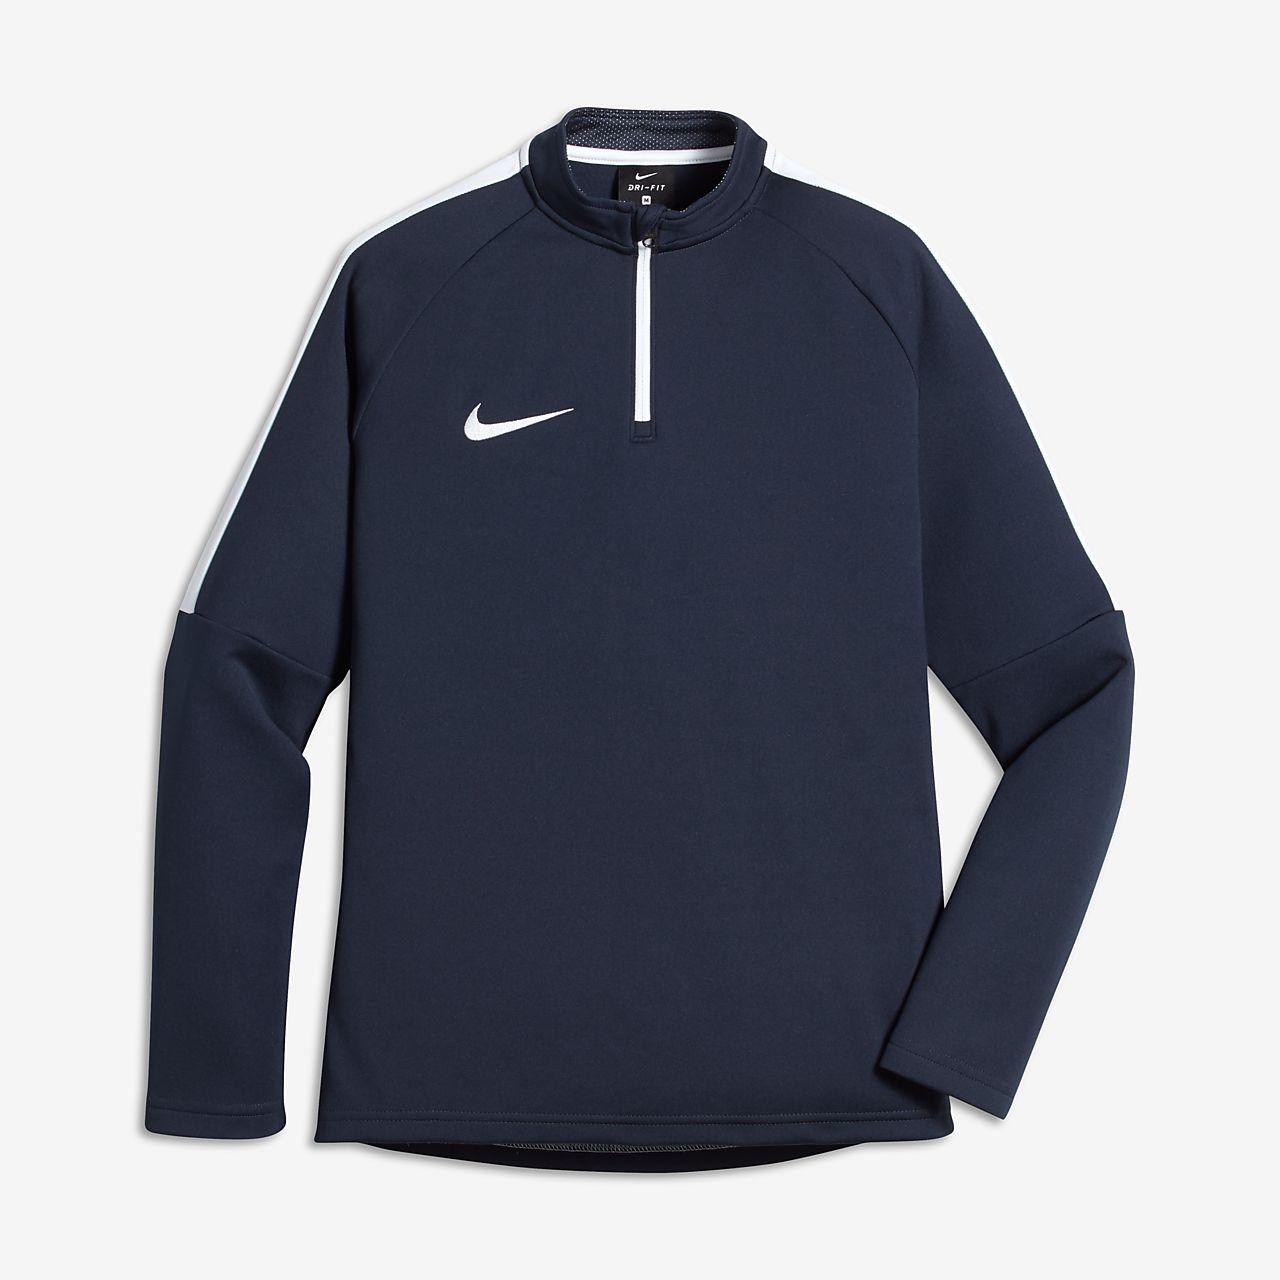 15e10dc40d092 Haut de football Nike Dri-FIT pour Enfant plus âgé. Nike.com FR